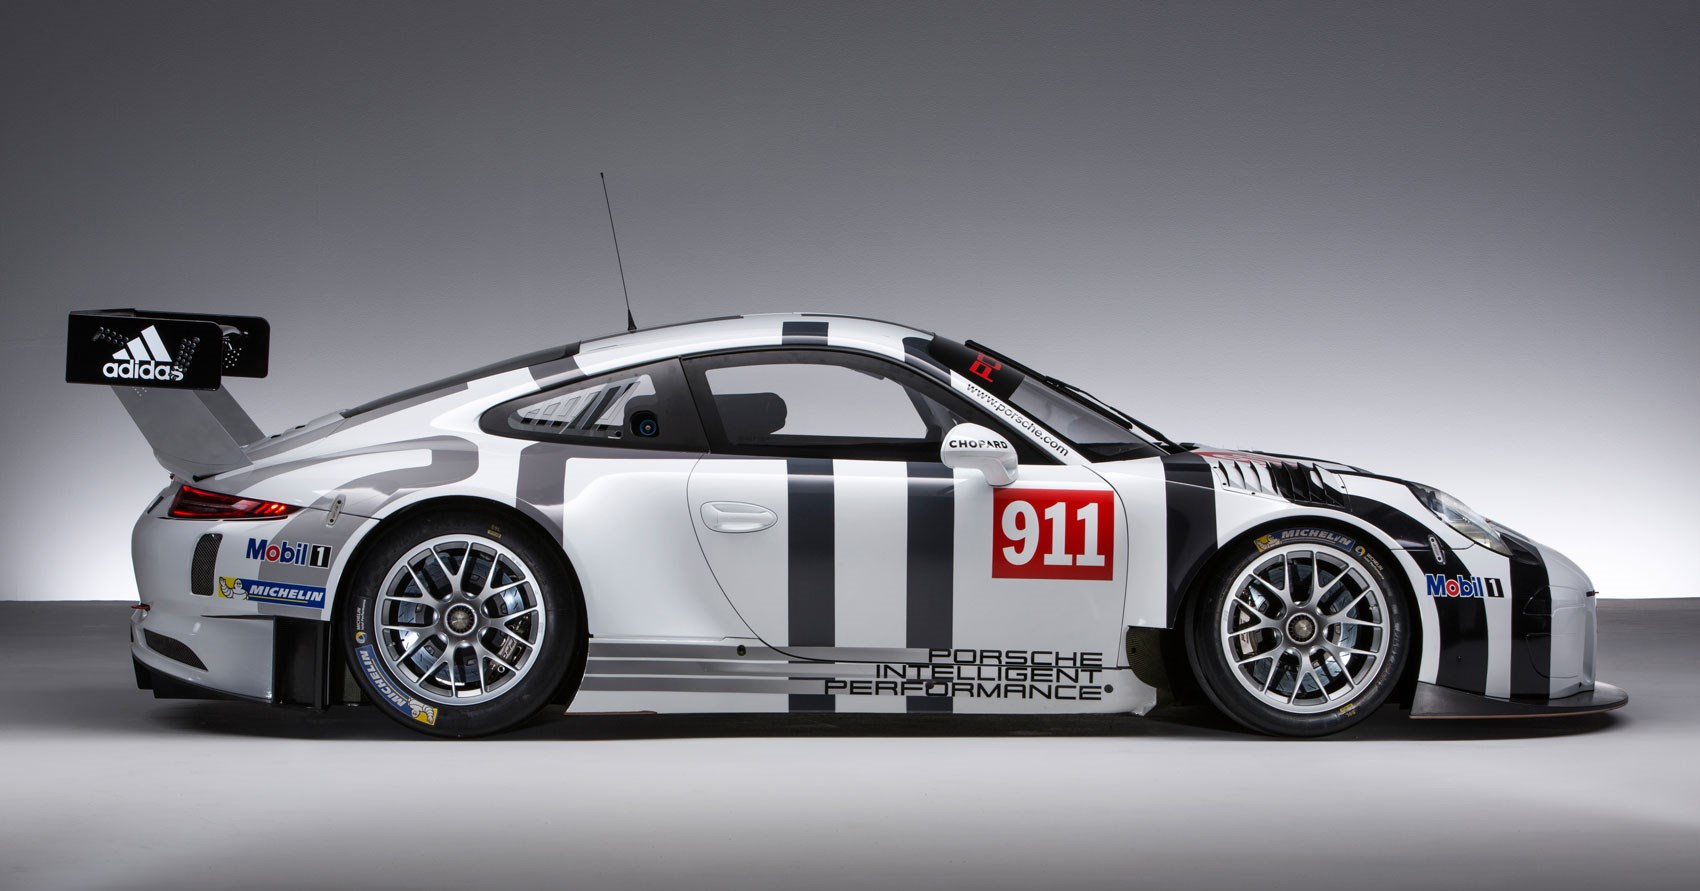 Porsche 911 GT3 R (2016): the GT3 RS gets an evil racing twin   CAR on porsche gt2 race car, lotus exige gt race car, bmw x5 race car, aston martin db4 gt race car, porsche 911 gt3 rally car, toyota supra gt race car, dodge dart gt race car, ferrari 456m gt race car, pontiac fiero gt race car, mercedes amg gt race car, porsche 911 sc race car, nissan juke race car, porsche 911 hybrid race car, ferrari f50 gt race car, porsche 918 spyder car, nissan 350z gt race car, porsche panamera race car, bugatti veyron gt race car, ferrari 250 gt race car, porsche gt3 race cars,